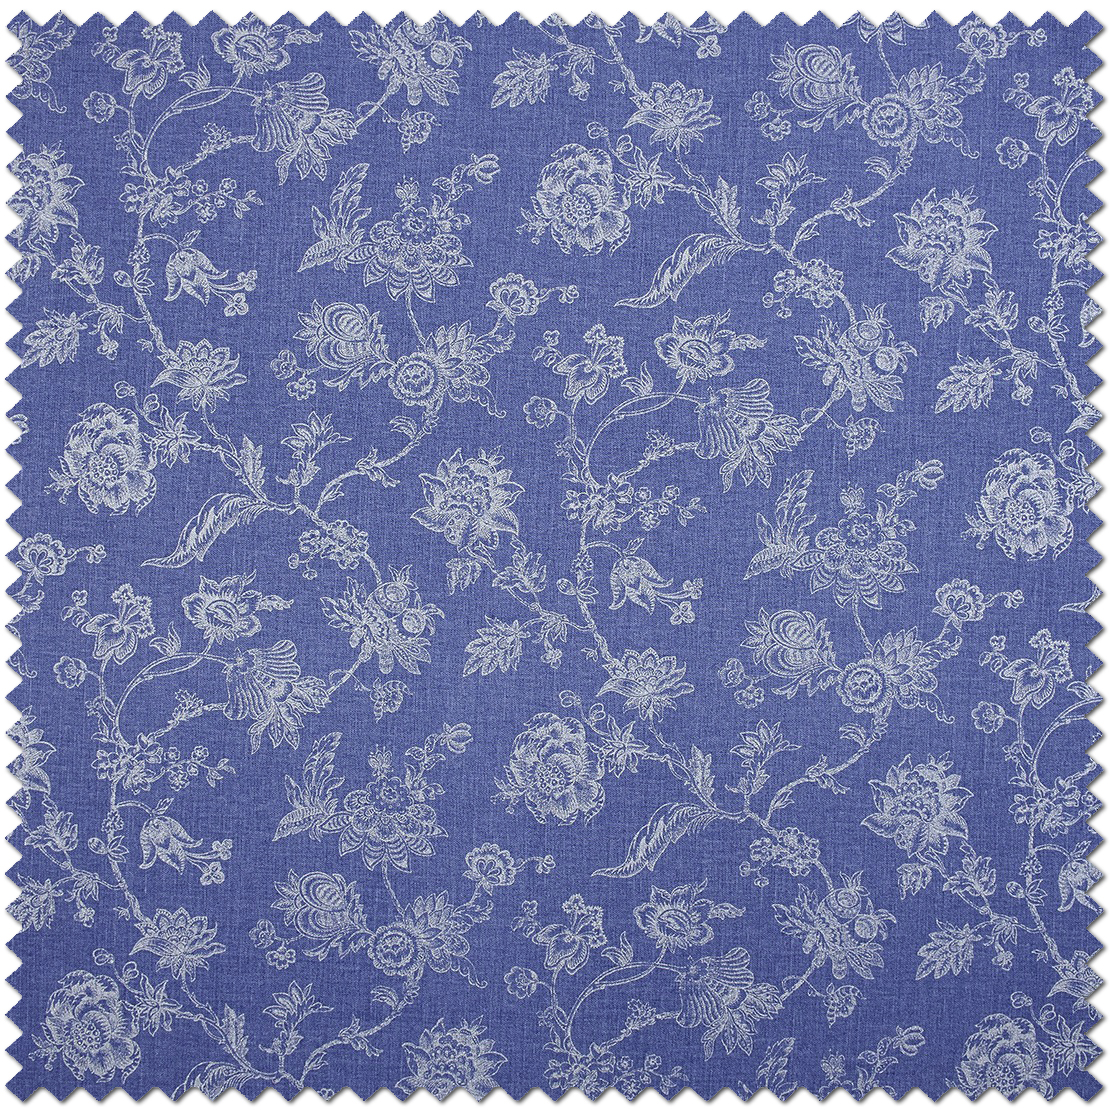 Tissu Indienne bleu - Collection Chantilly de Casadéco